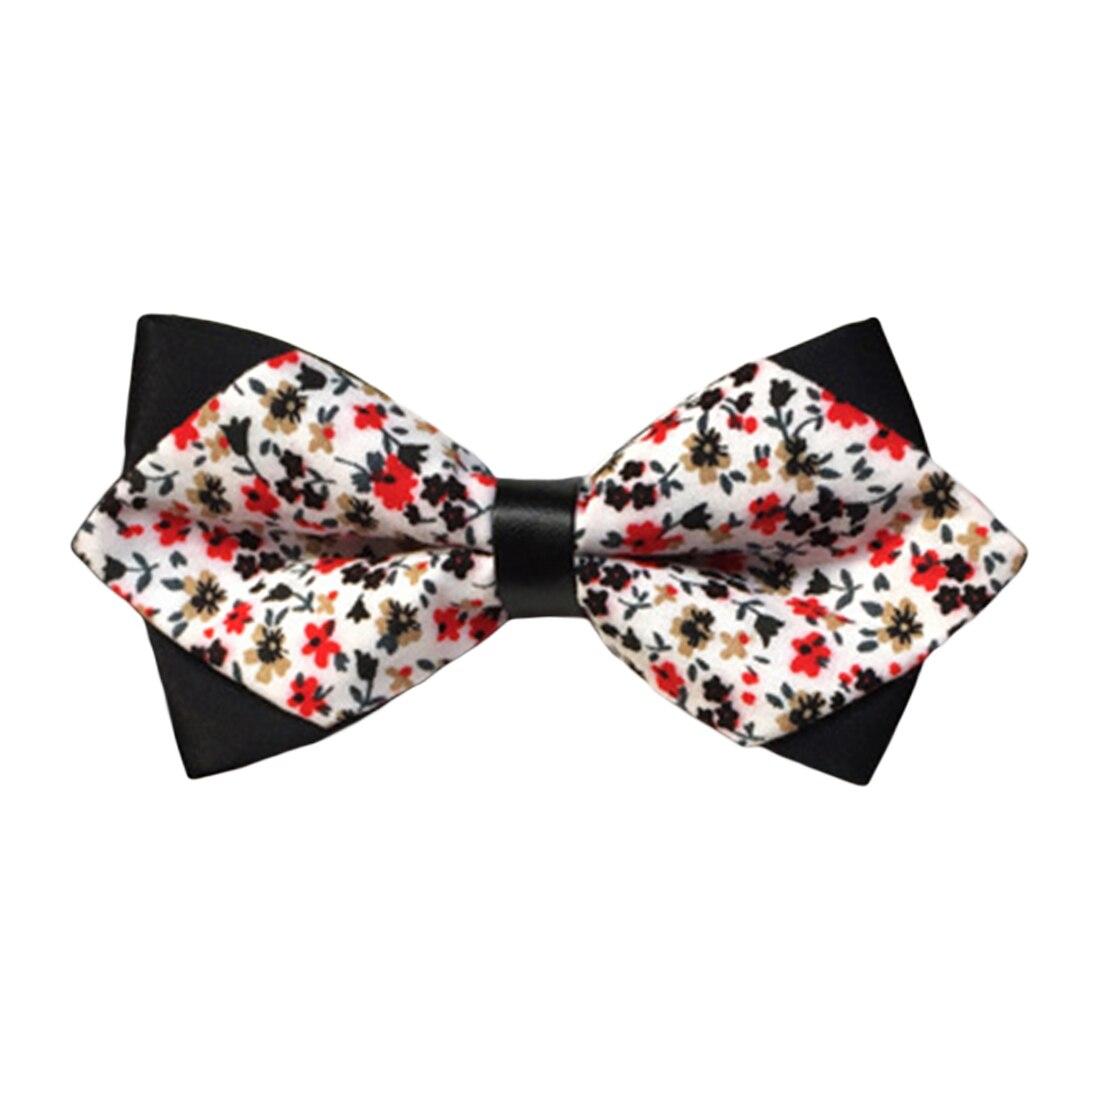 2019 Neuestes Design Heißer Verkauf Mens Handarbeit Baumwolle Bowties Klarselbst Krawatte Designer Blume Paisley Bow Bindet Krawatte Schmetterling Kunden Zuerst